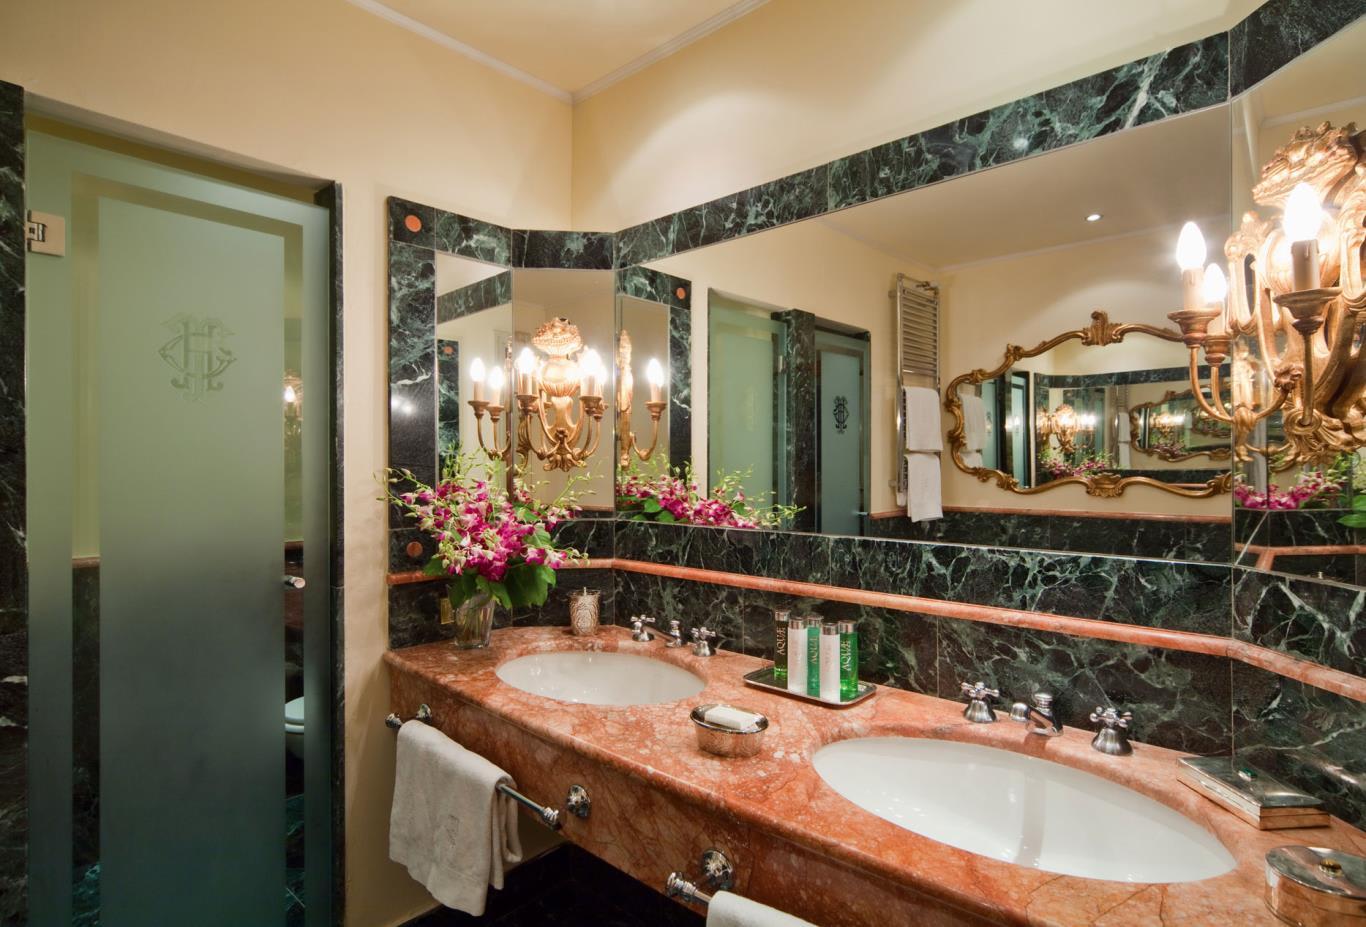 Deluxe Park View bathroom